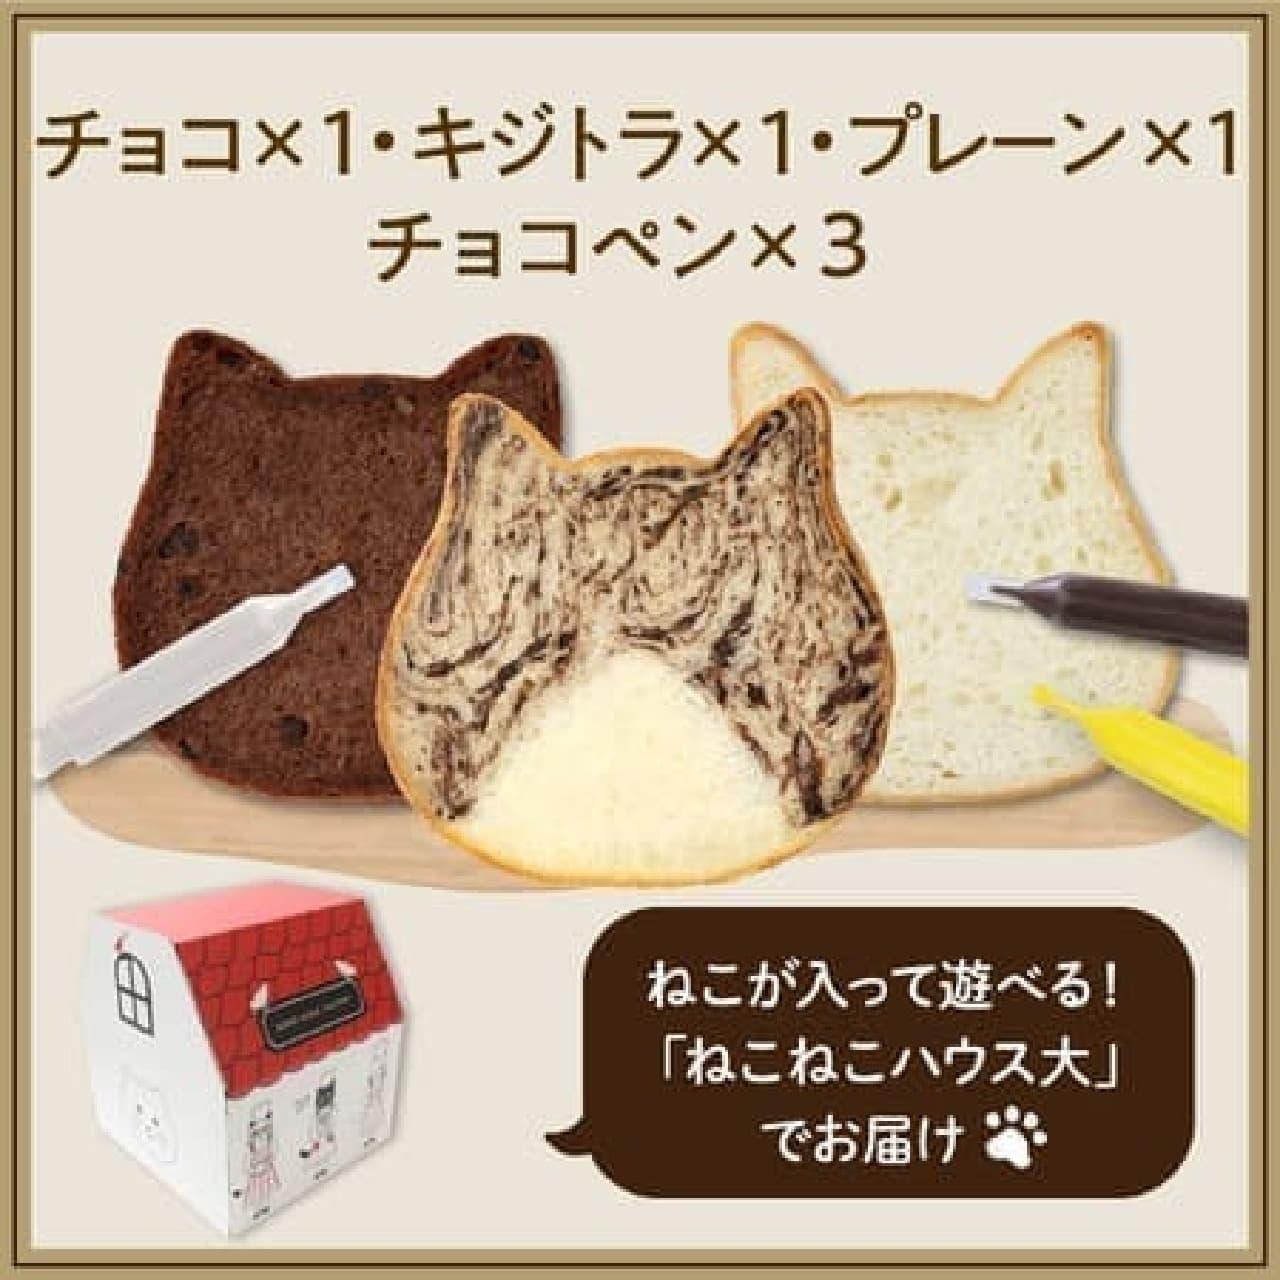 ねこねこ食パン(キジトラ&プレーン&チョコ)